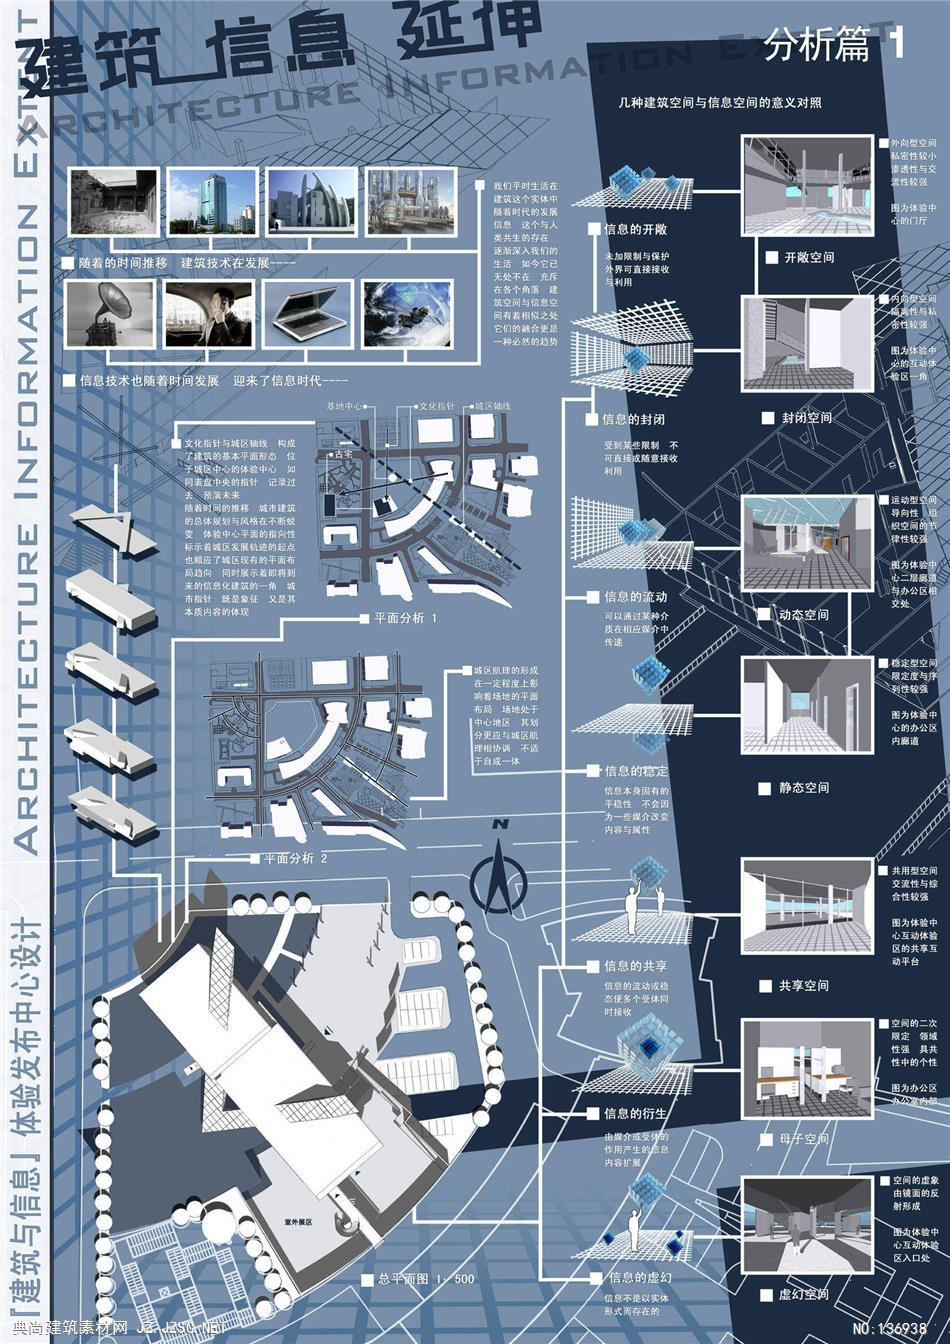 设计 排版设计  优秀奖作品                  院校:合肥工业大学建筑图片